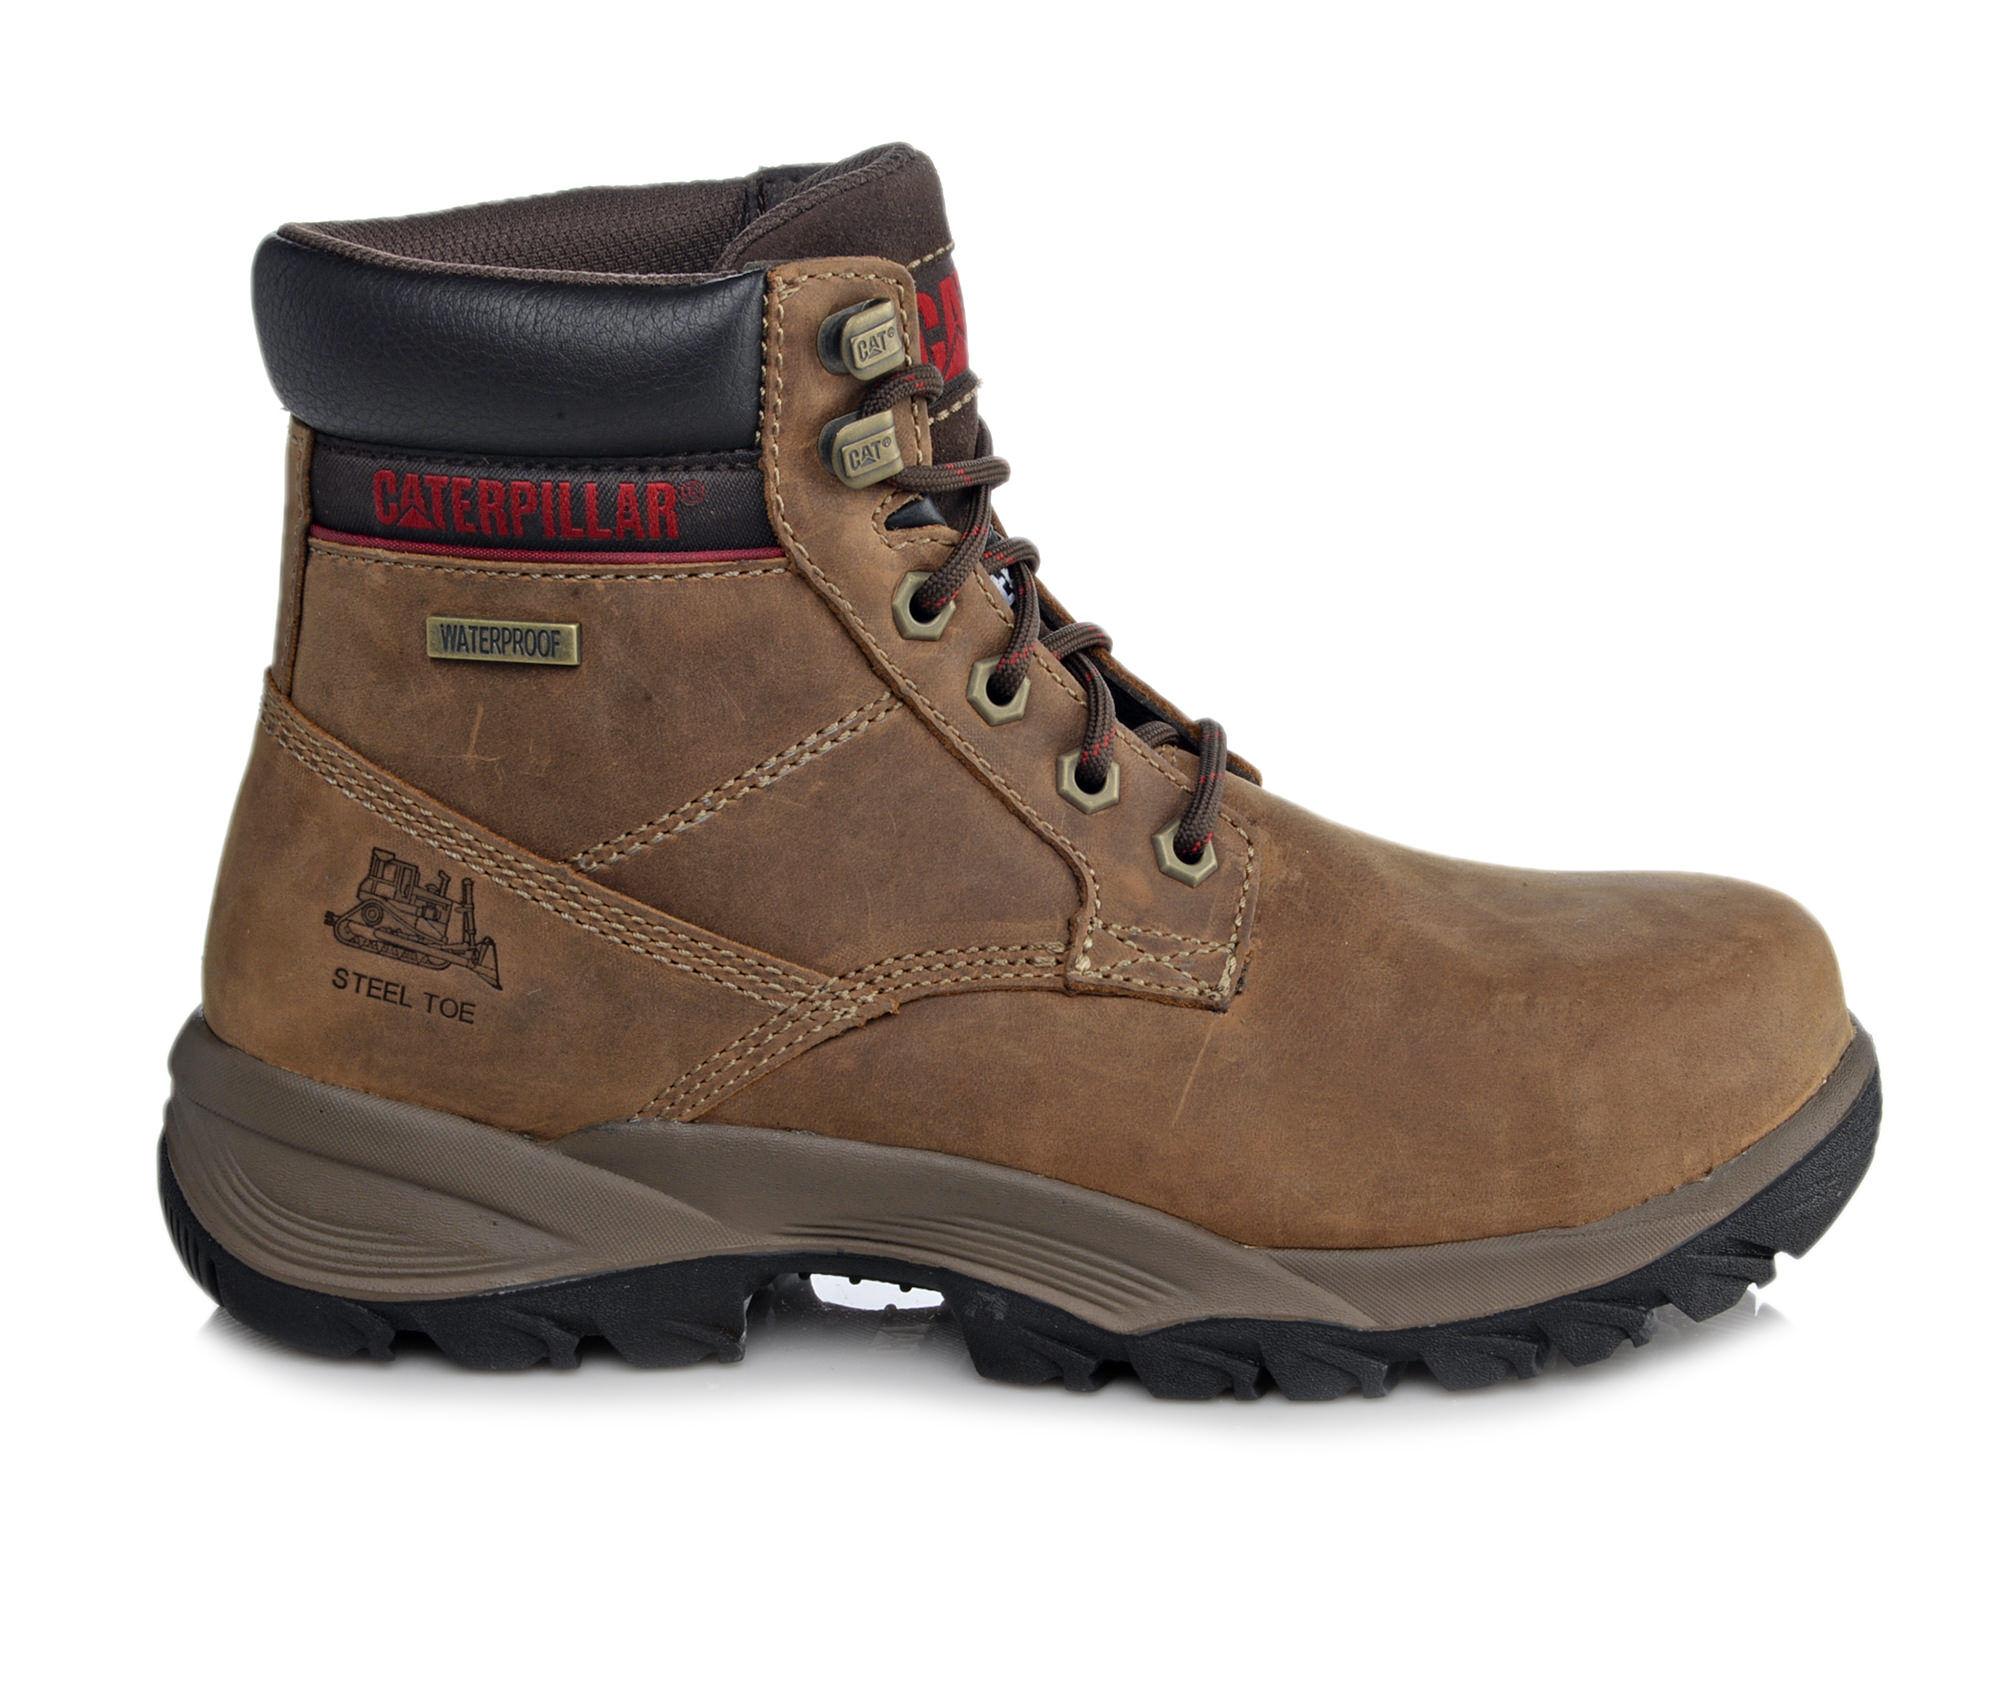 Women's Caterpillar Dryverse 6 In Waterproof Steel Toe Work Boots Dark Brown